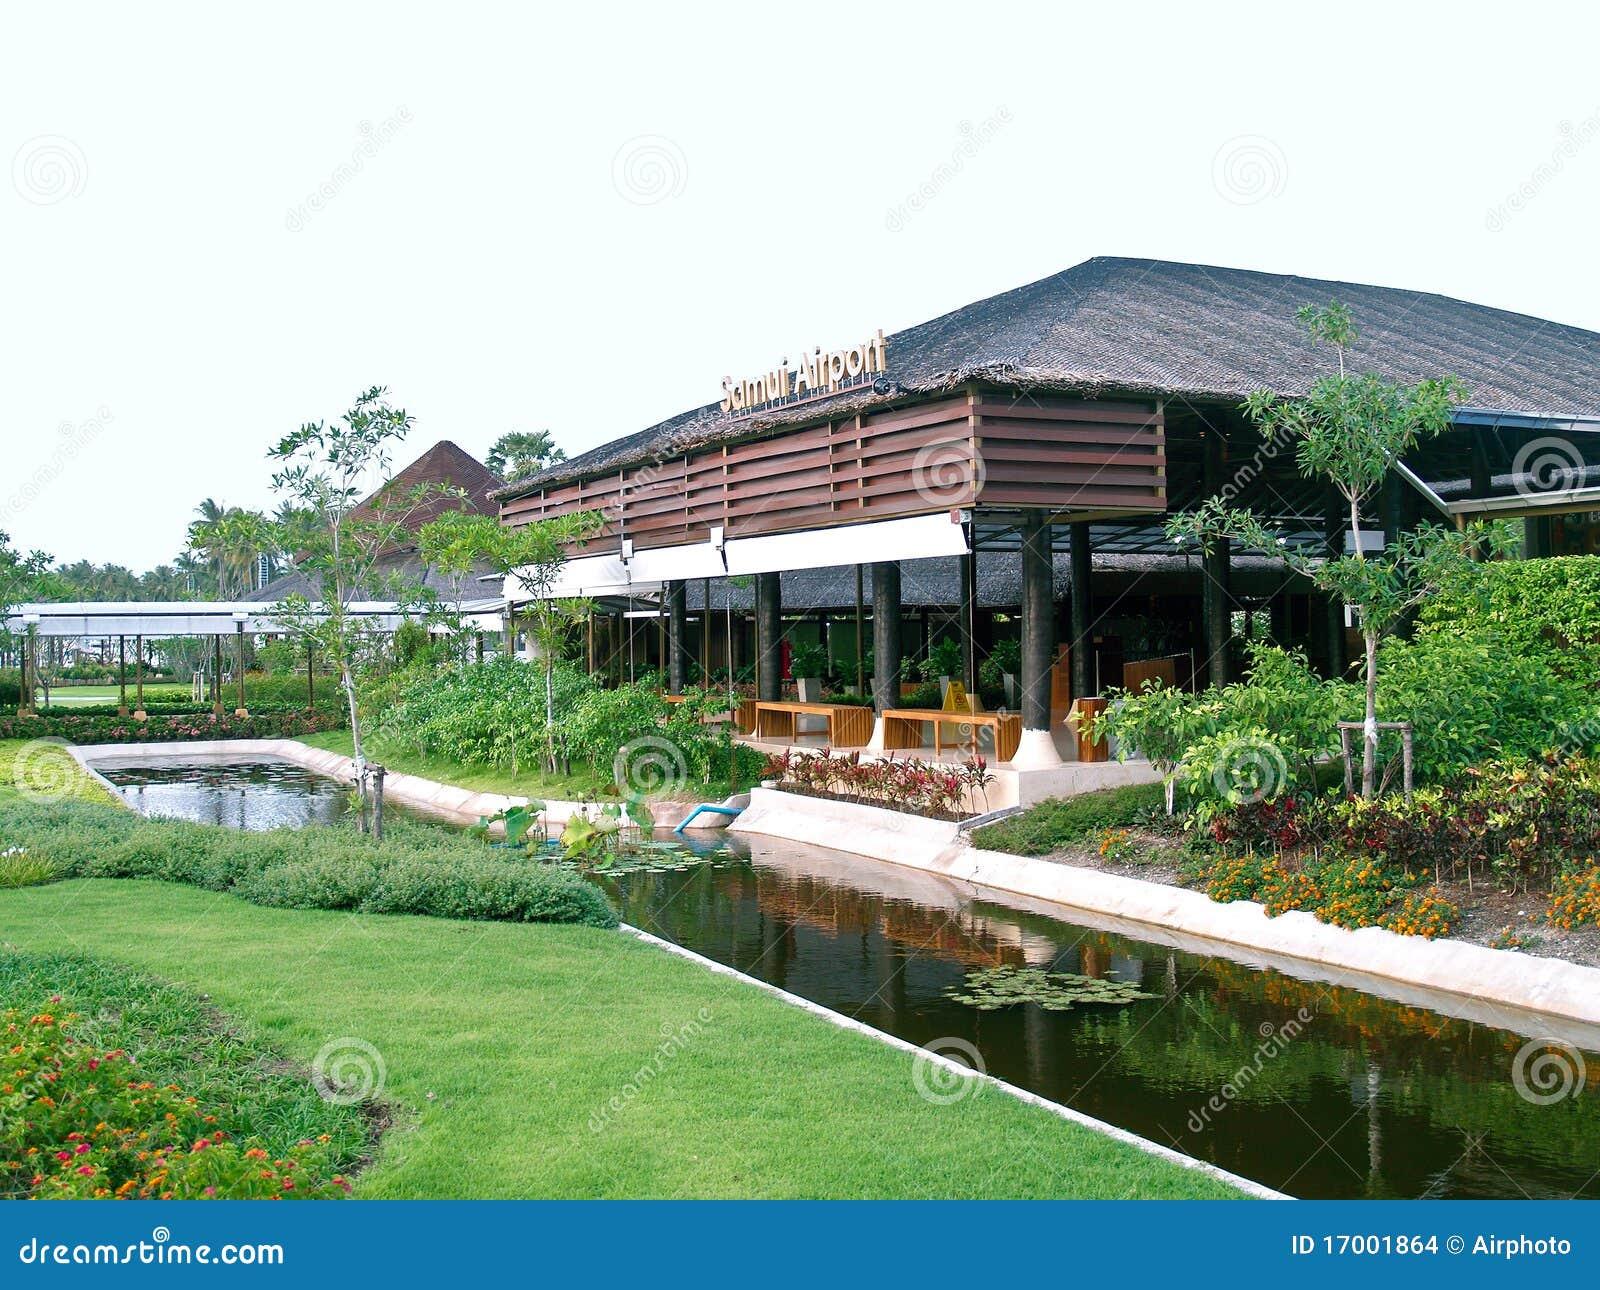 Aeroporto Koh Samui : Aeroporto di samui del koh tailandia immagini stock